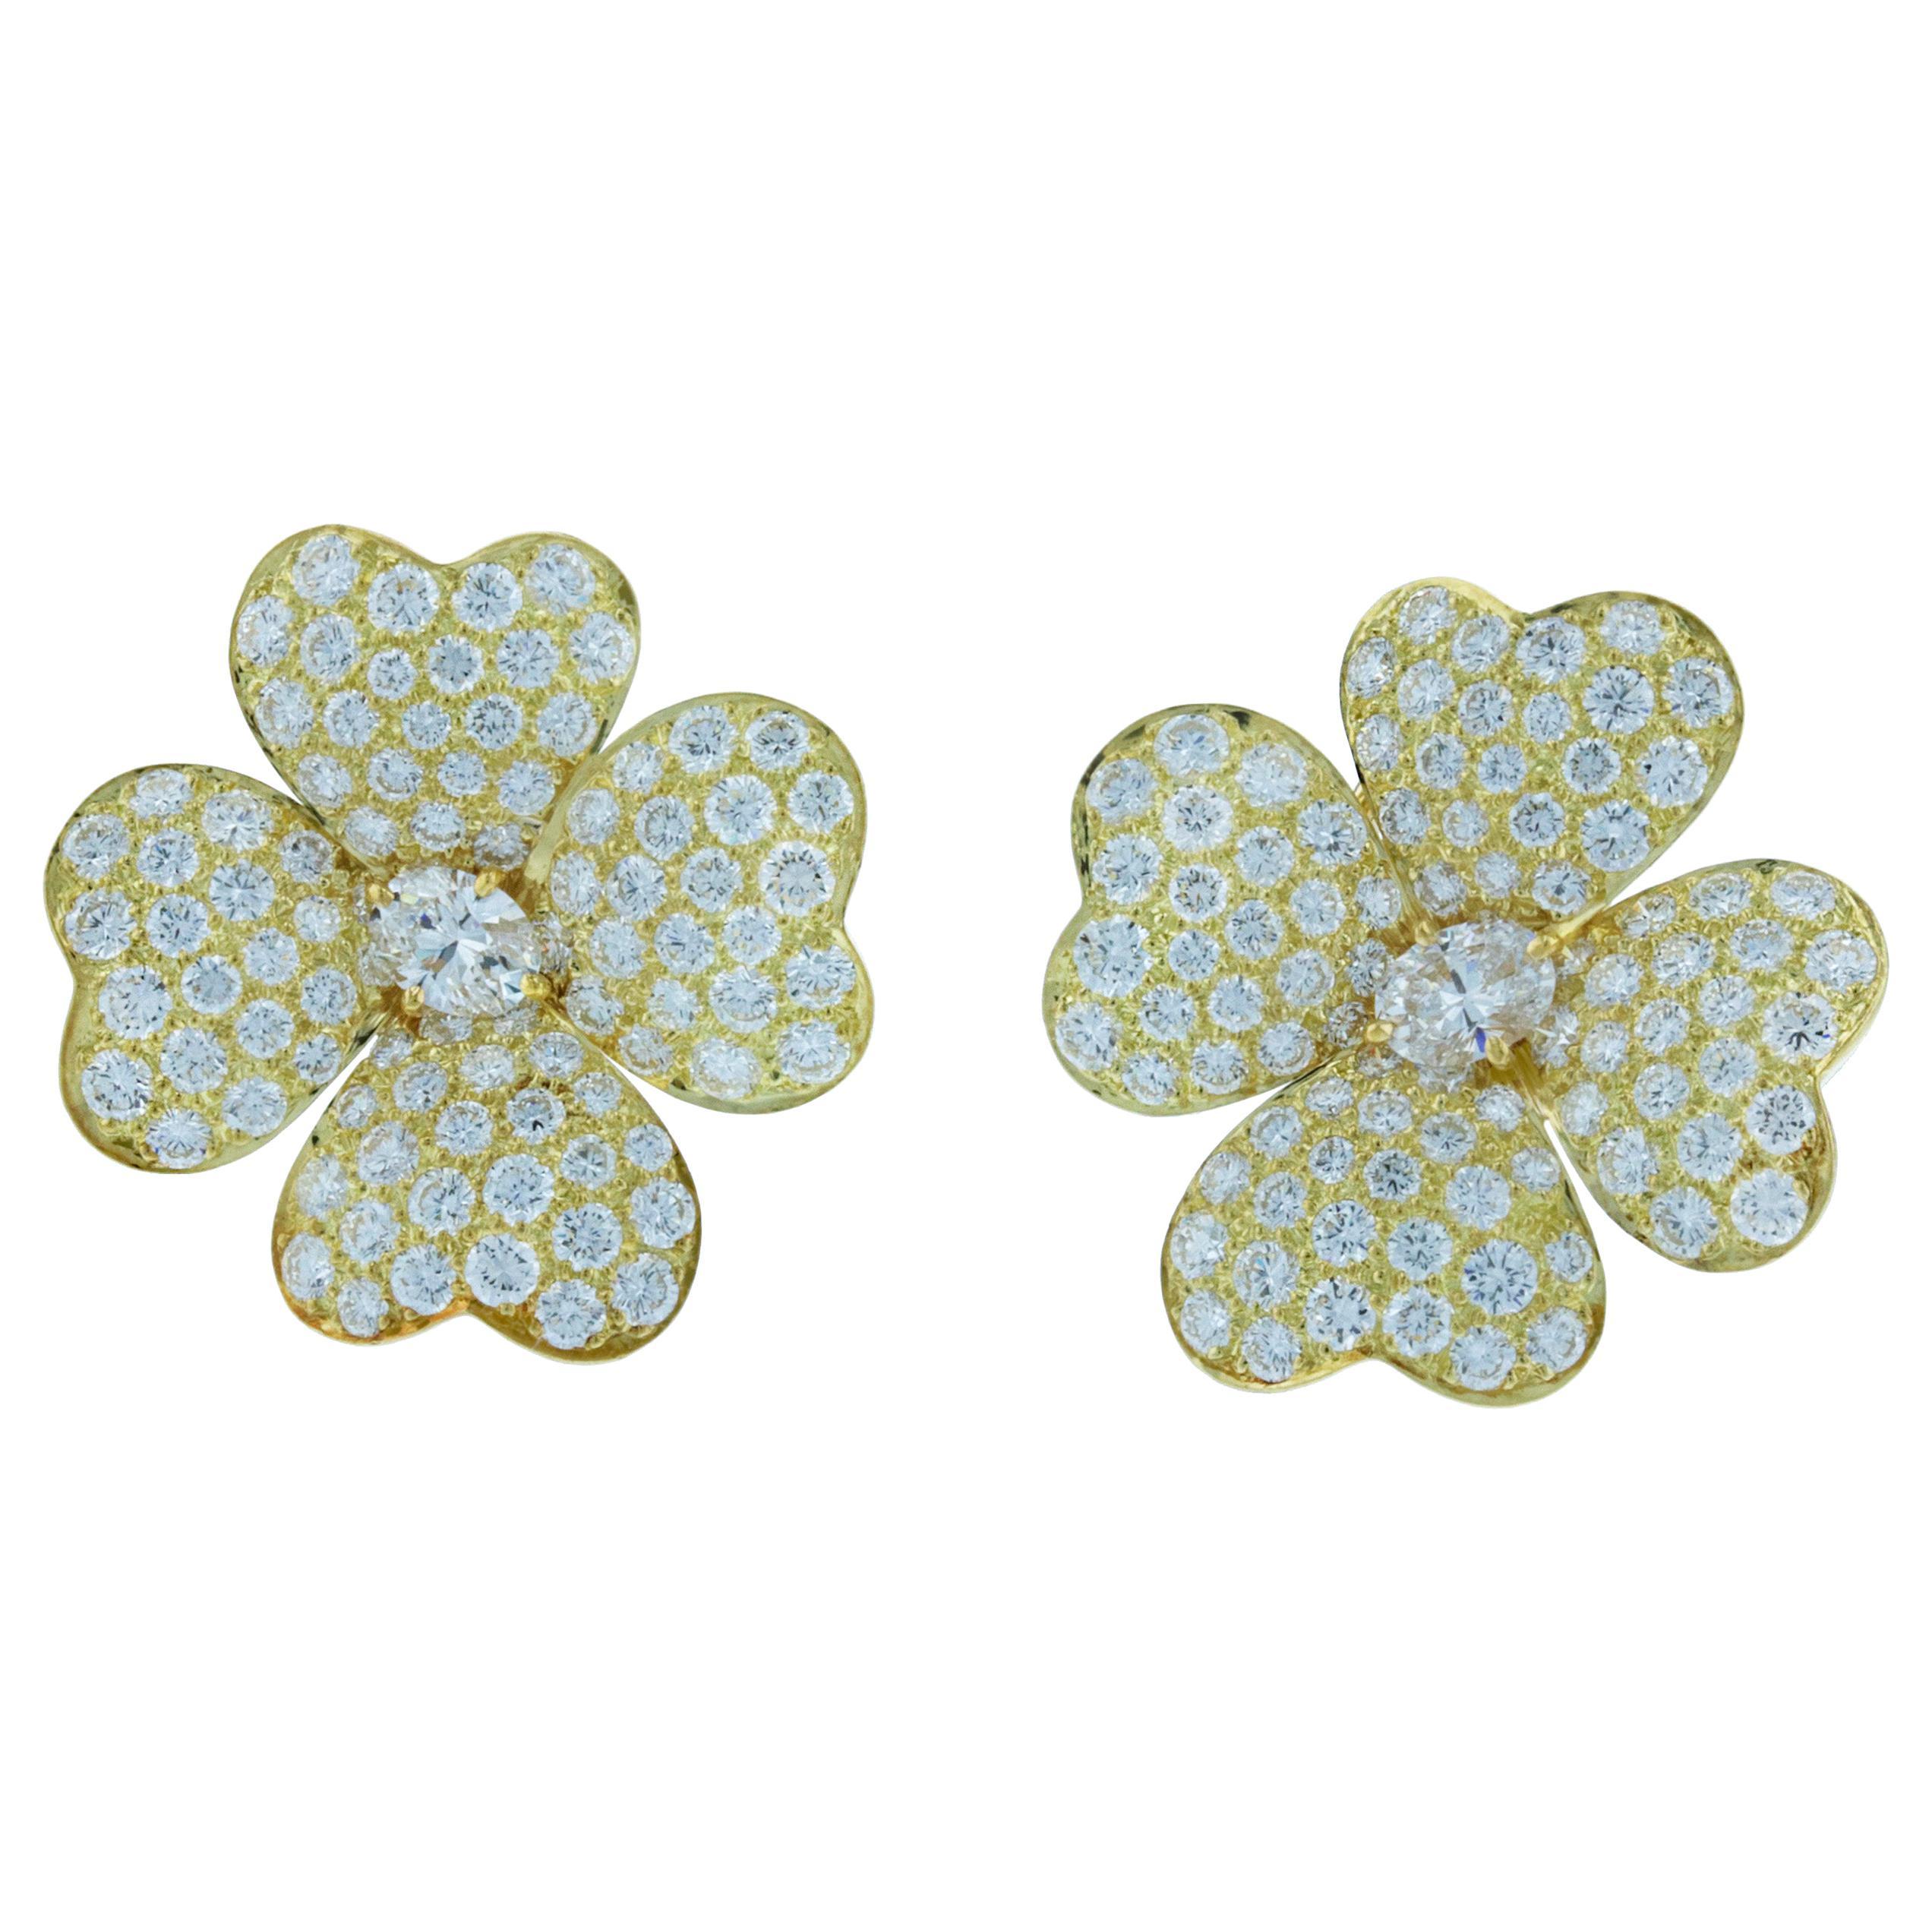 Van Cleef & Arpels Cosmos Diamond Earrings in 18K Yellow Gold, Large Model